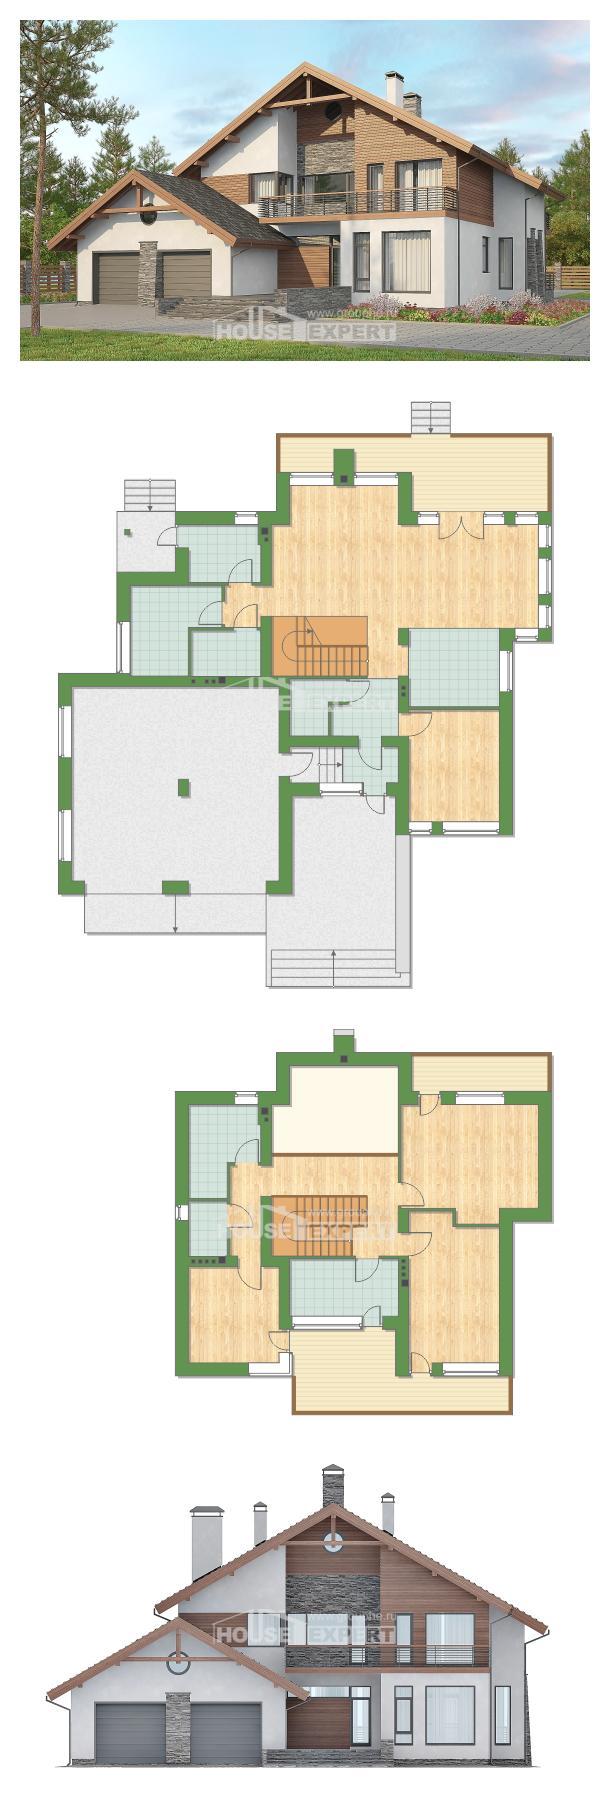 房子的设计 270-003-L   House Expert